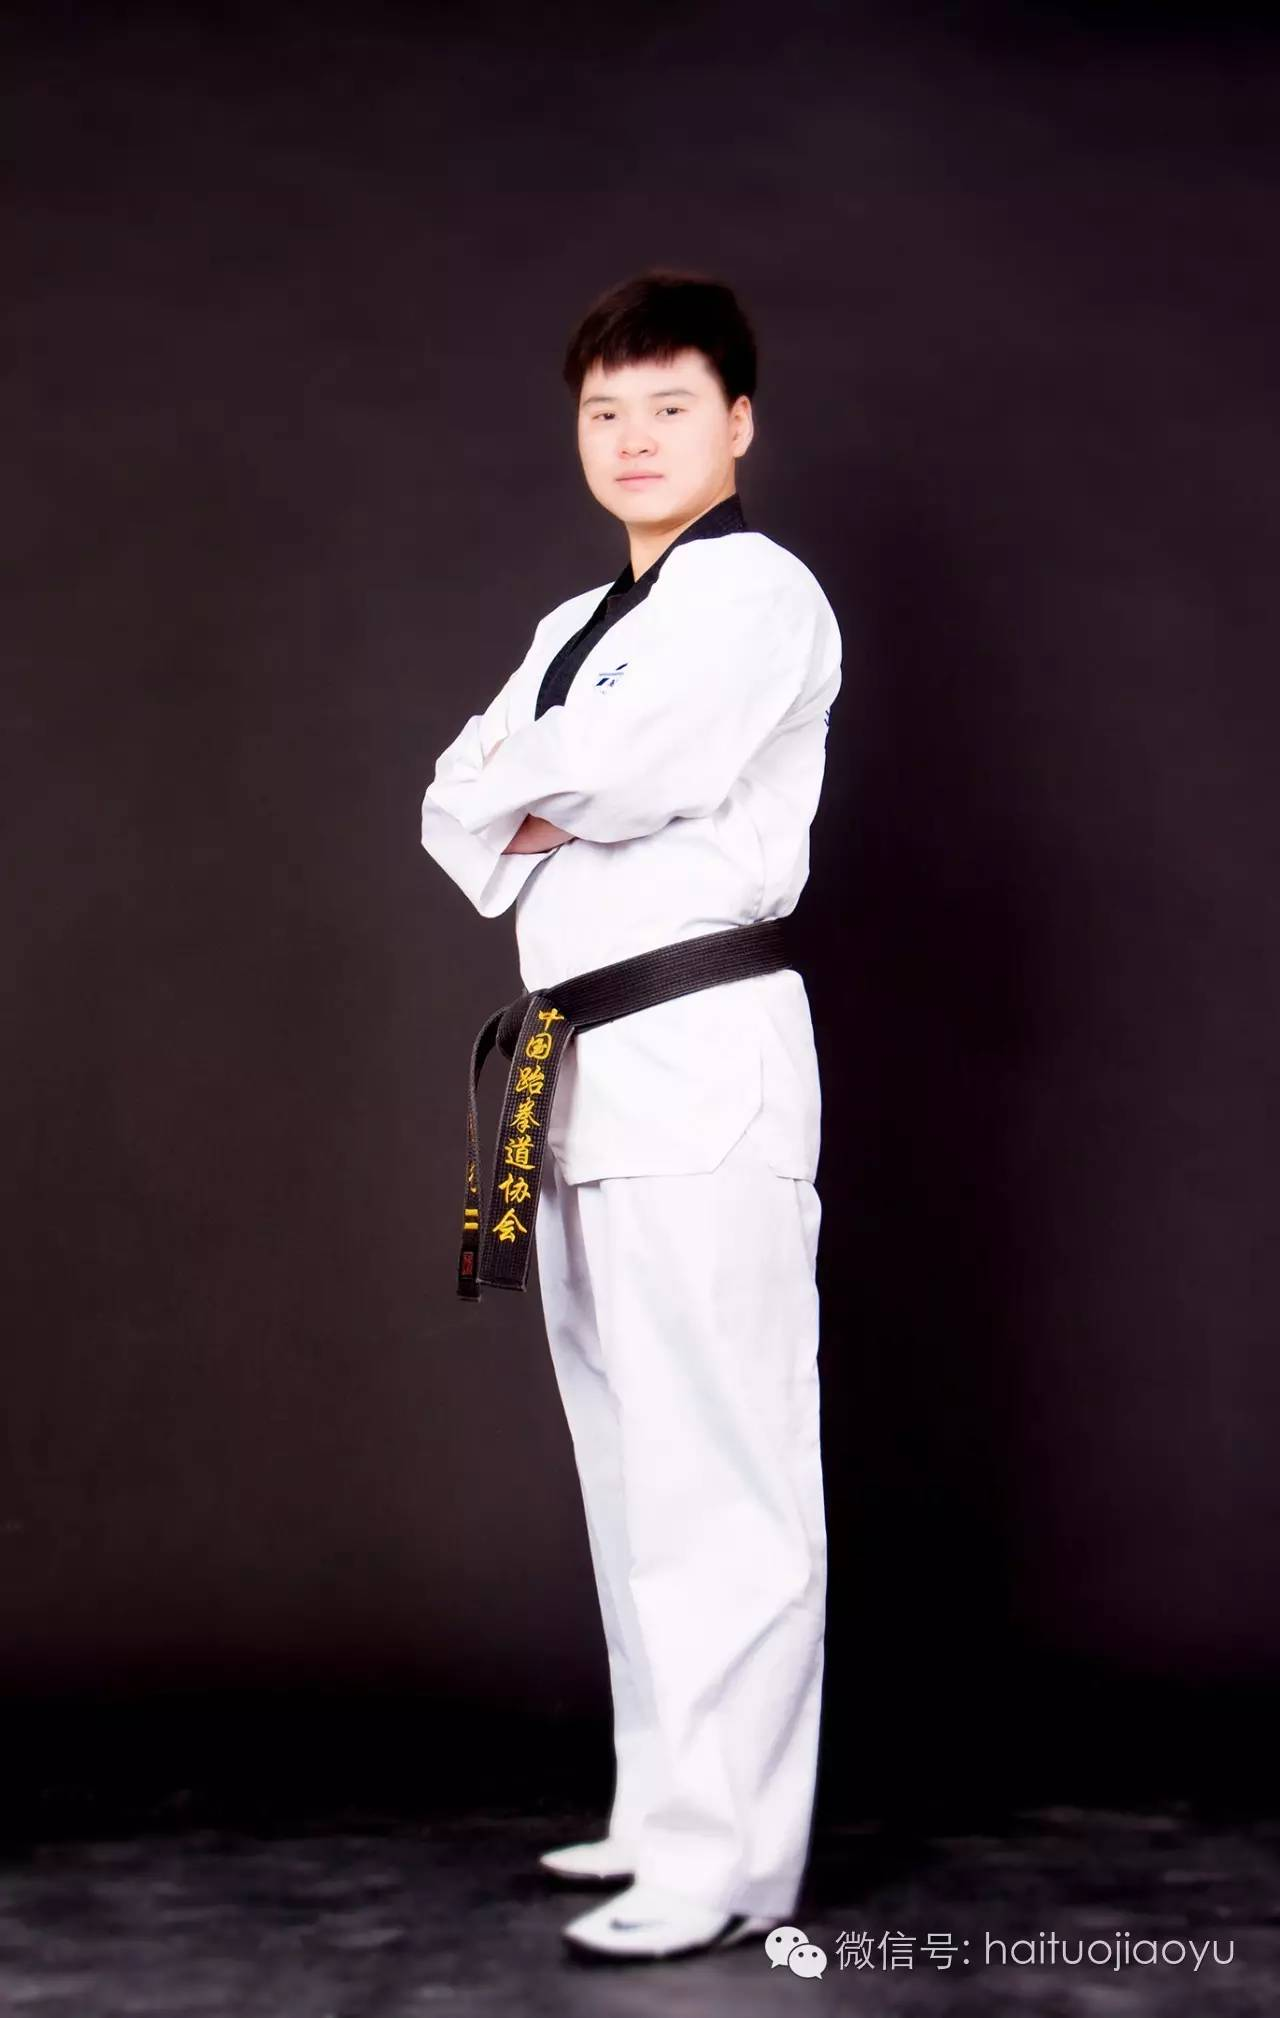 【体育】跆拳道赋予青少年七种故事和力量张翔素质排球图片